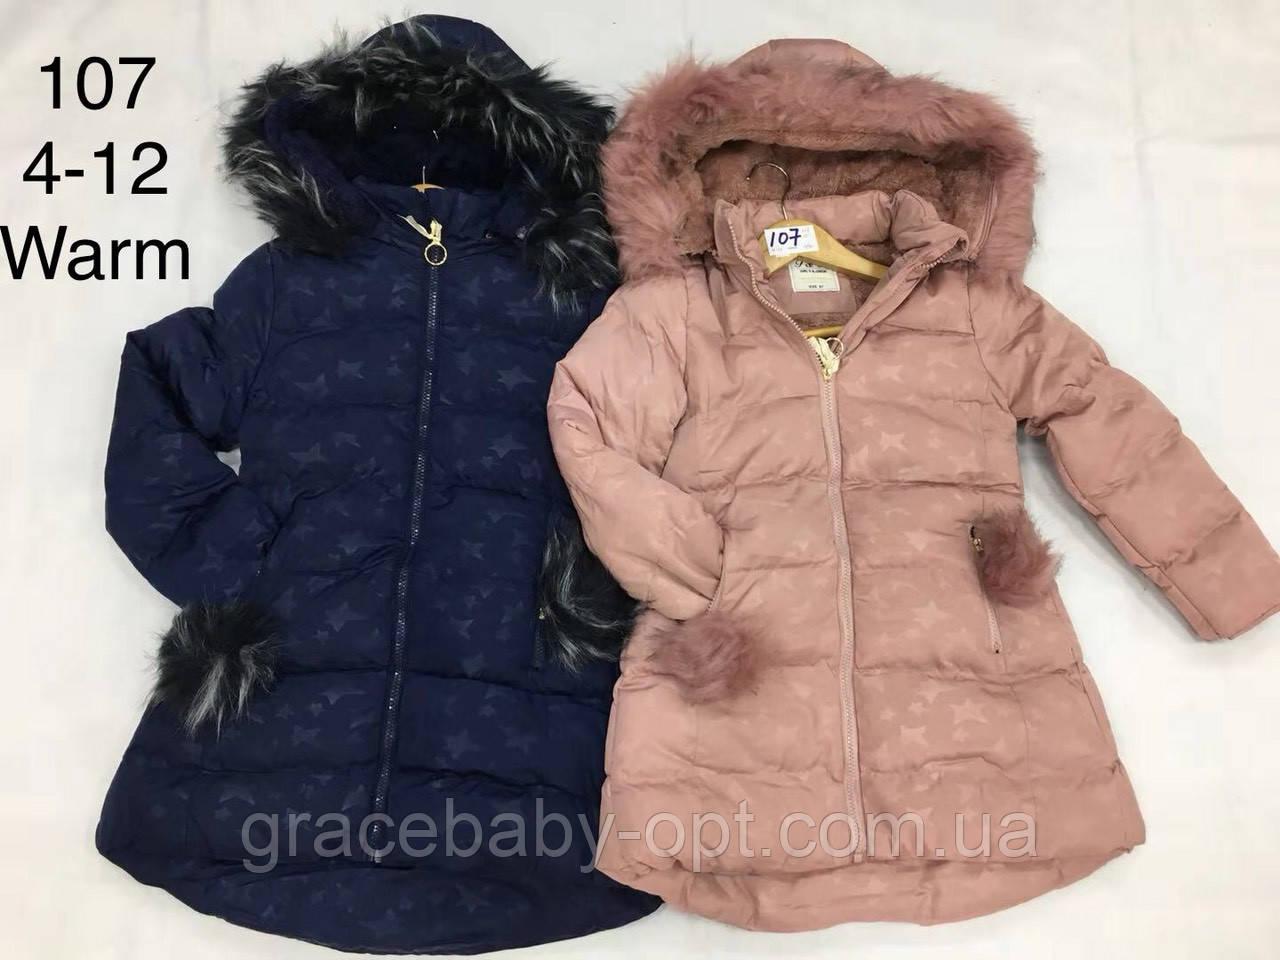 99cc9a39176f Куртка утепленная для девочек оптом, F D, 4-12 лет, № 107, цена 397 ...